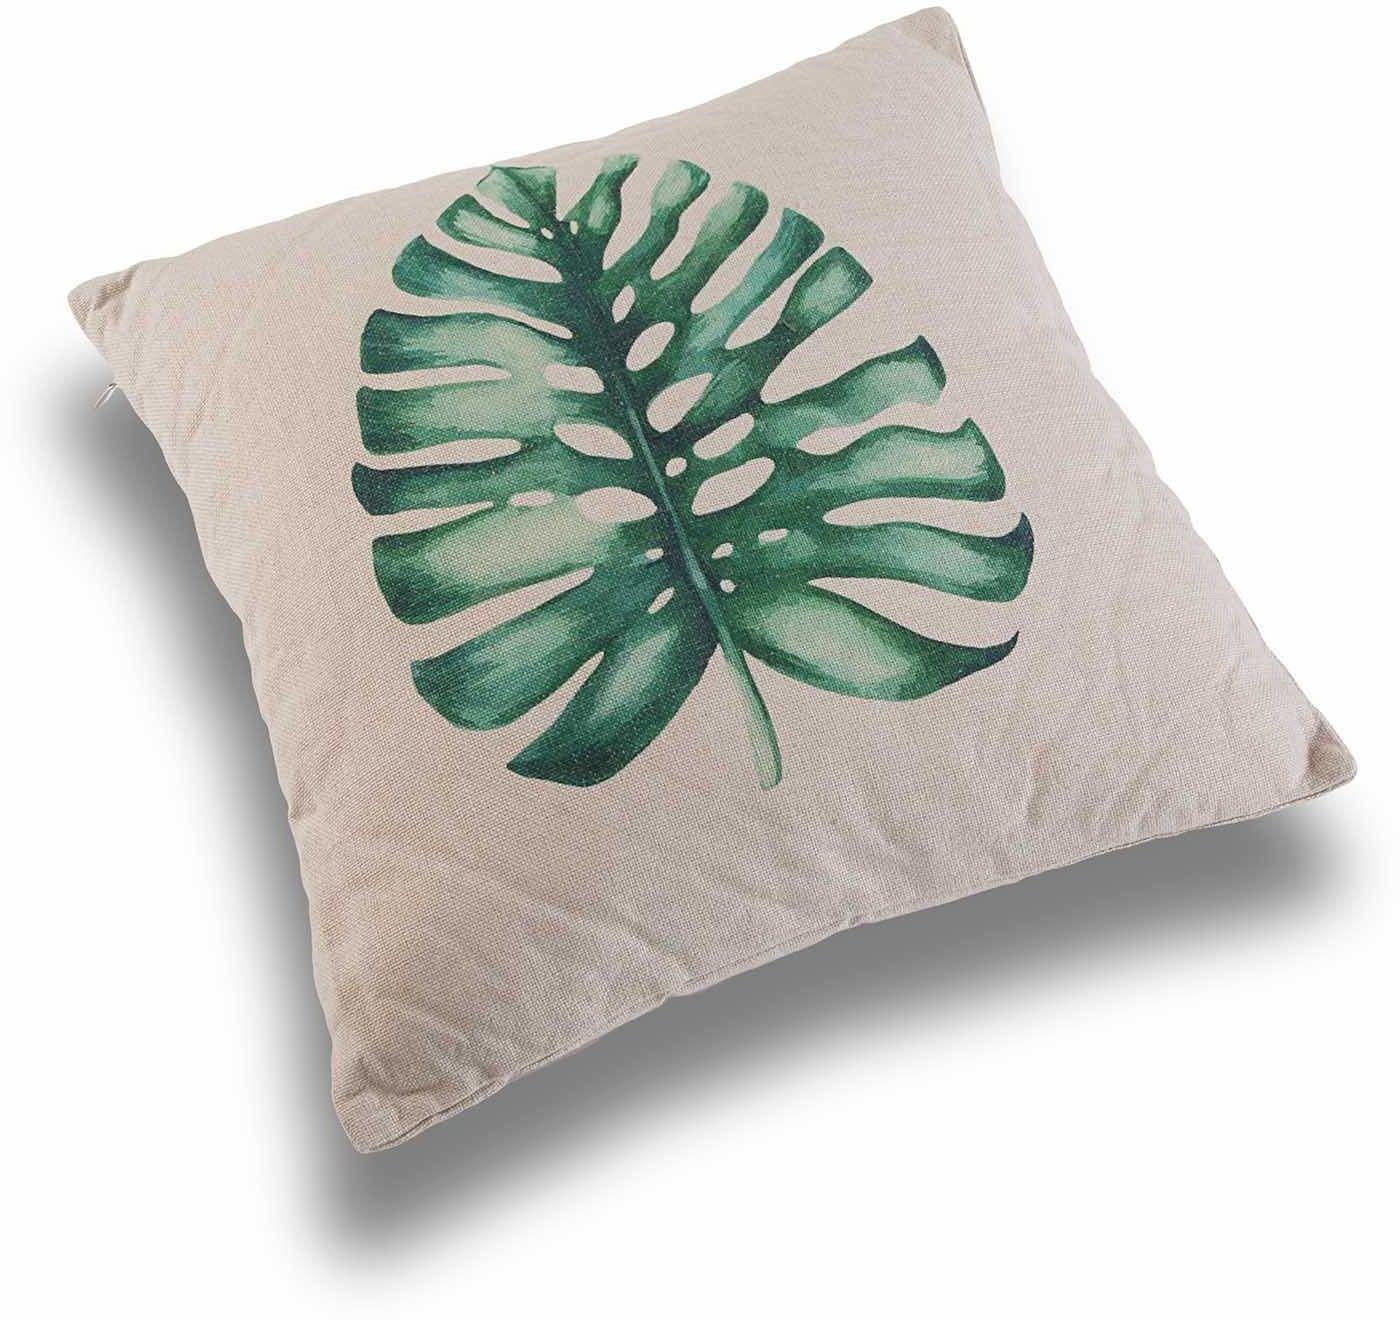 Versa 21350050 poduszka kwadratowa, poliester, zielona/biała, 45 x 15 x 45 cm